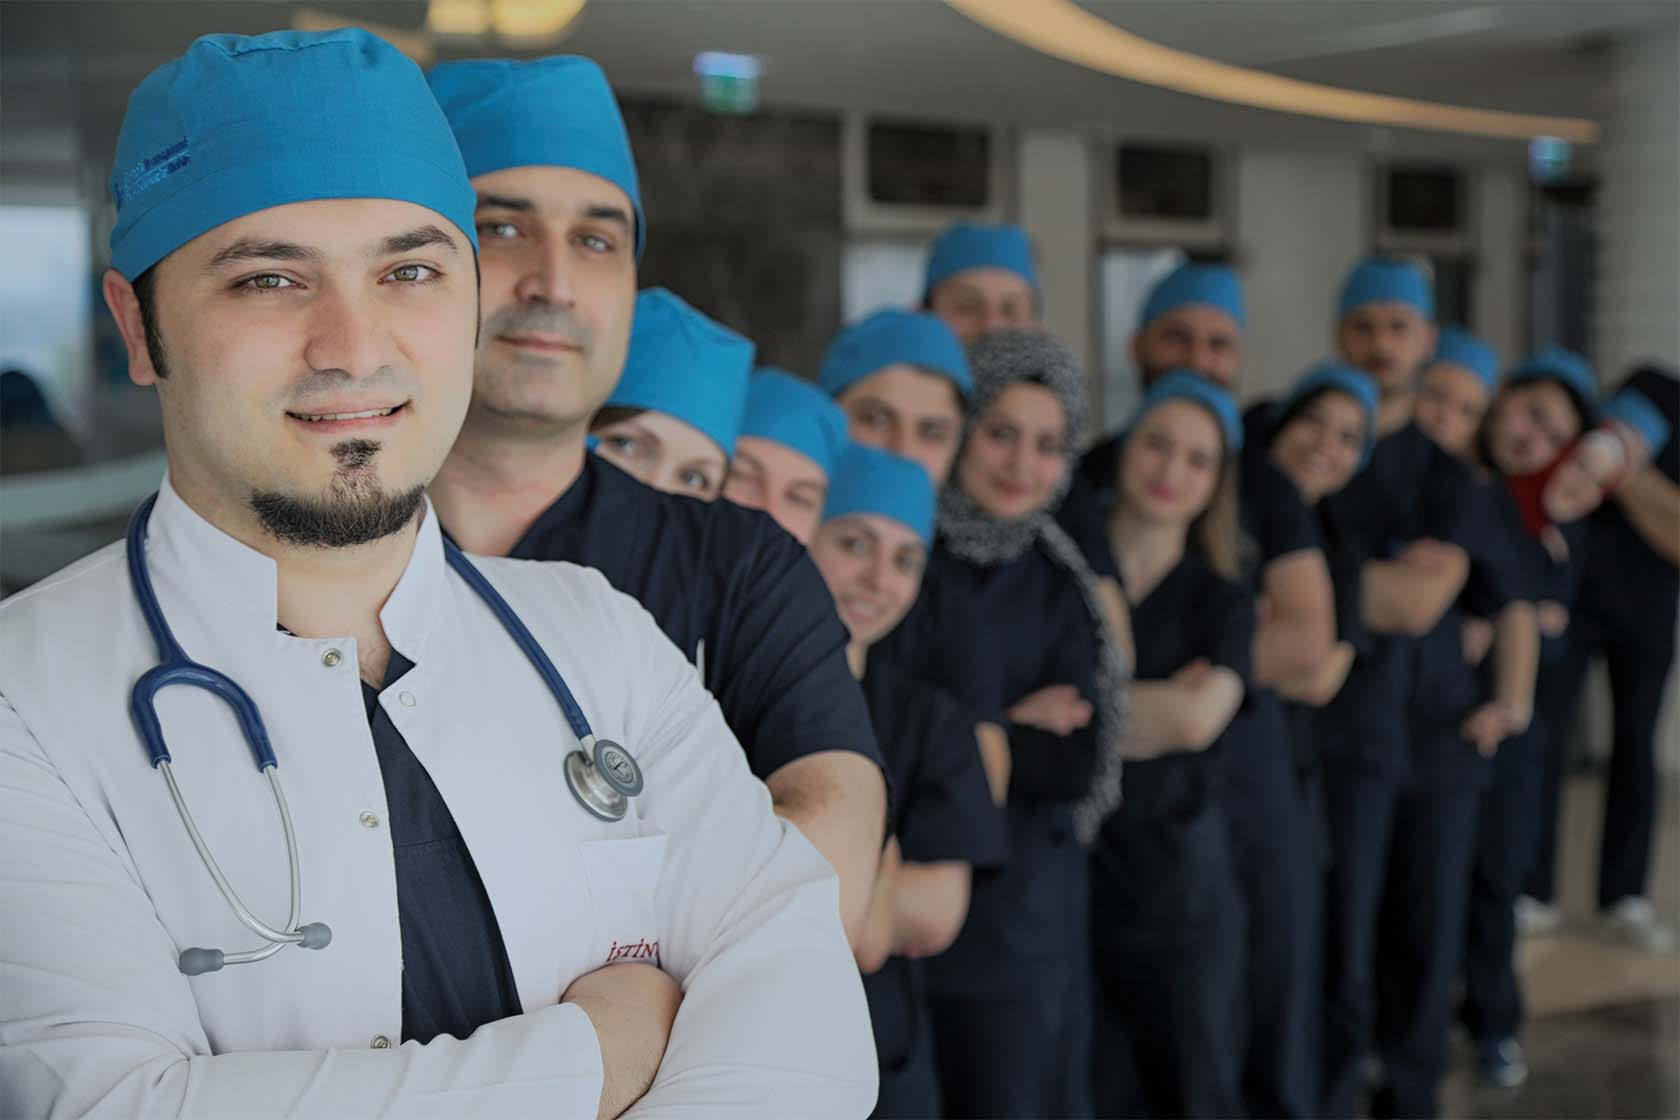 Facharzt für Haartransplantation Dr. Balwi